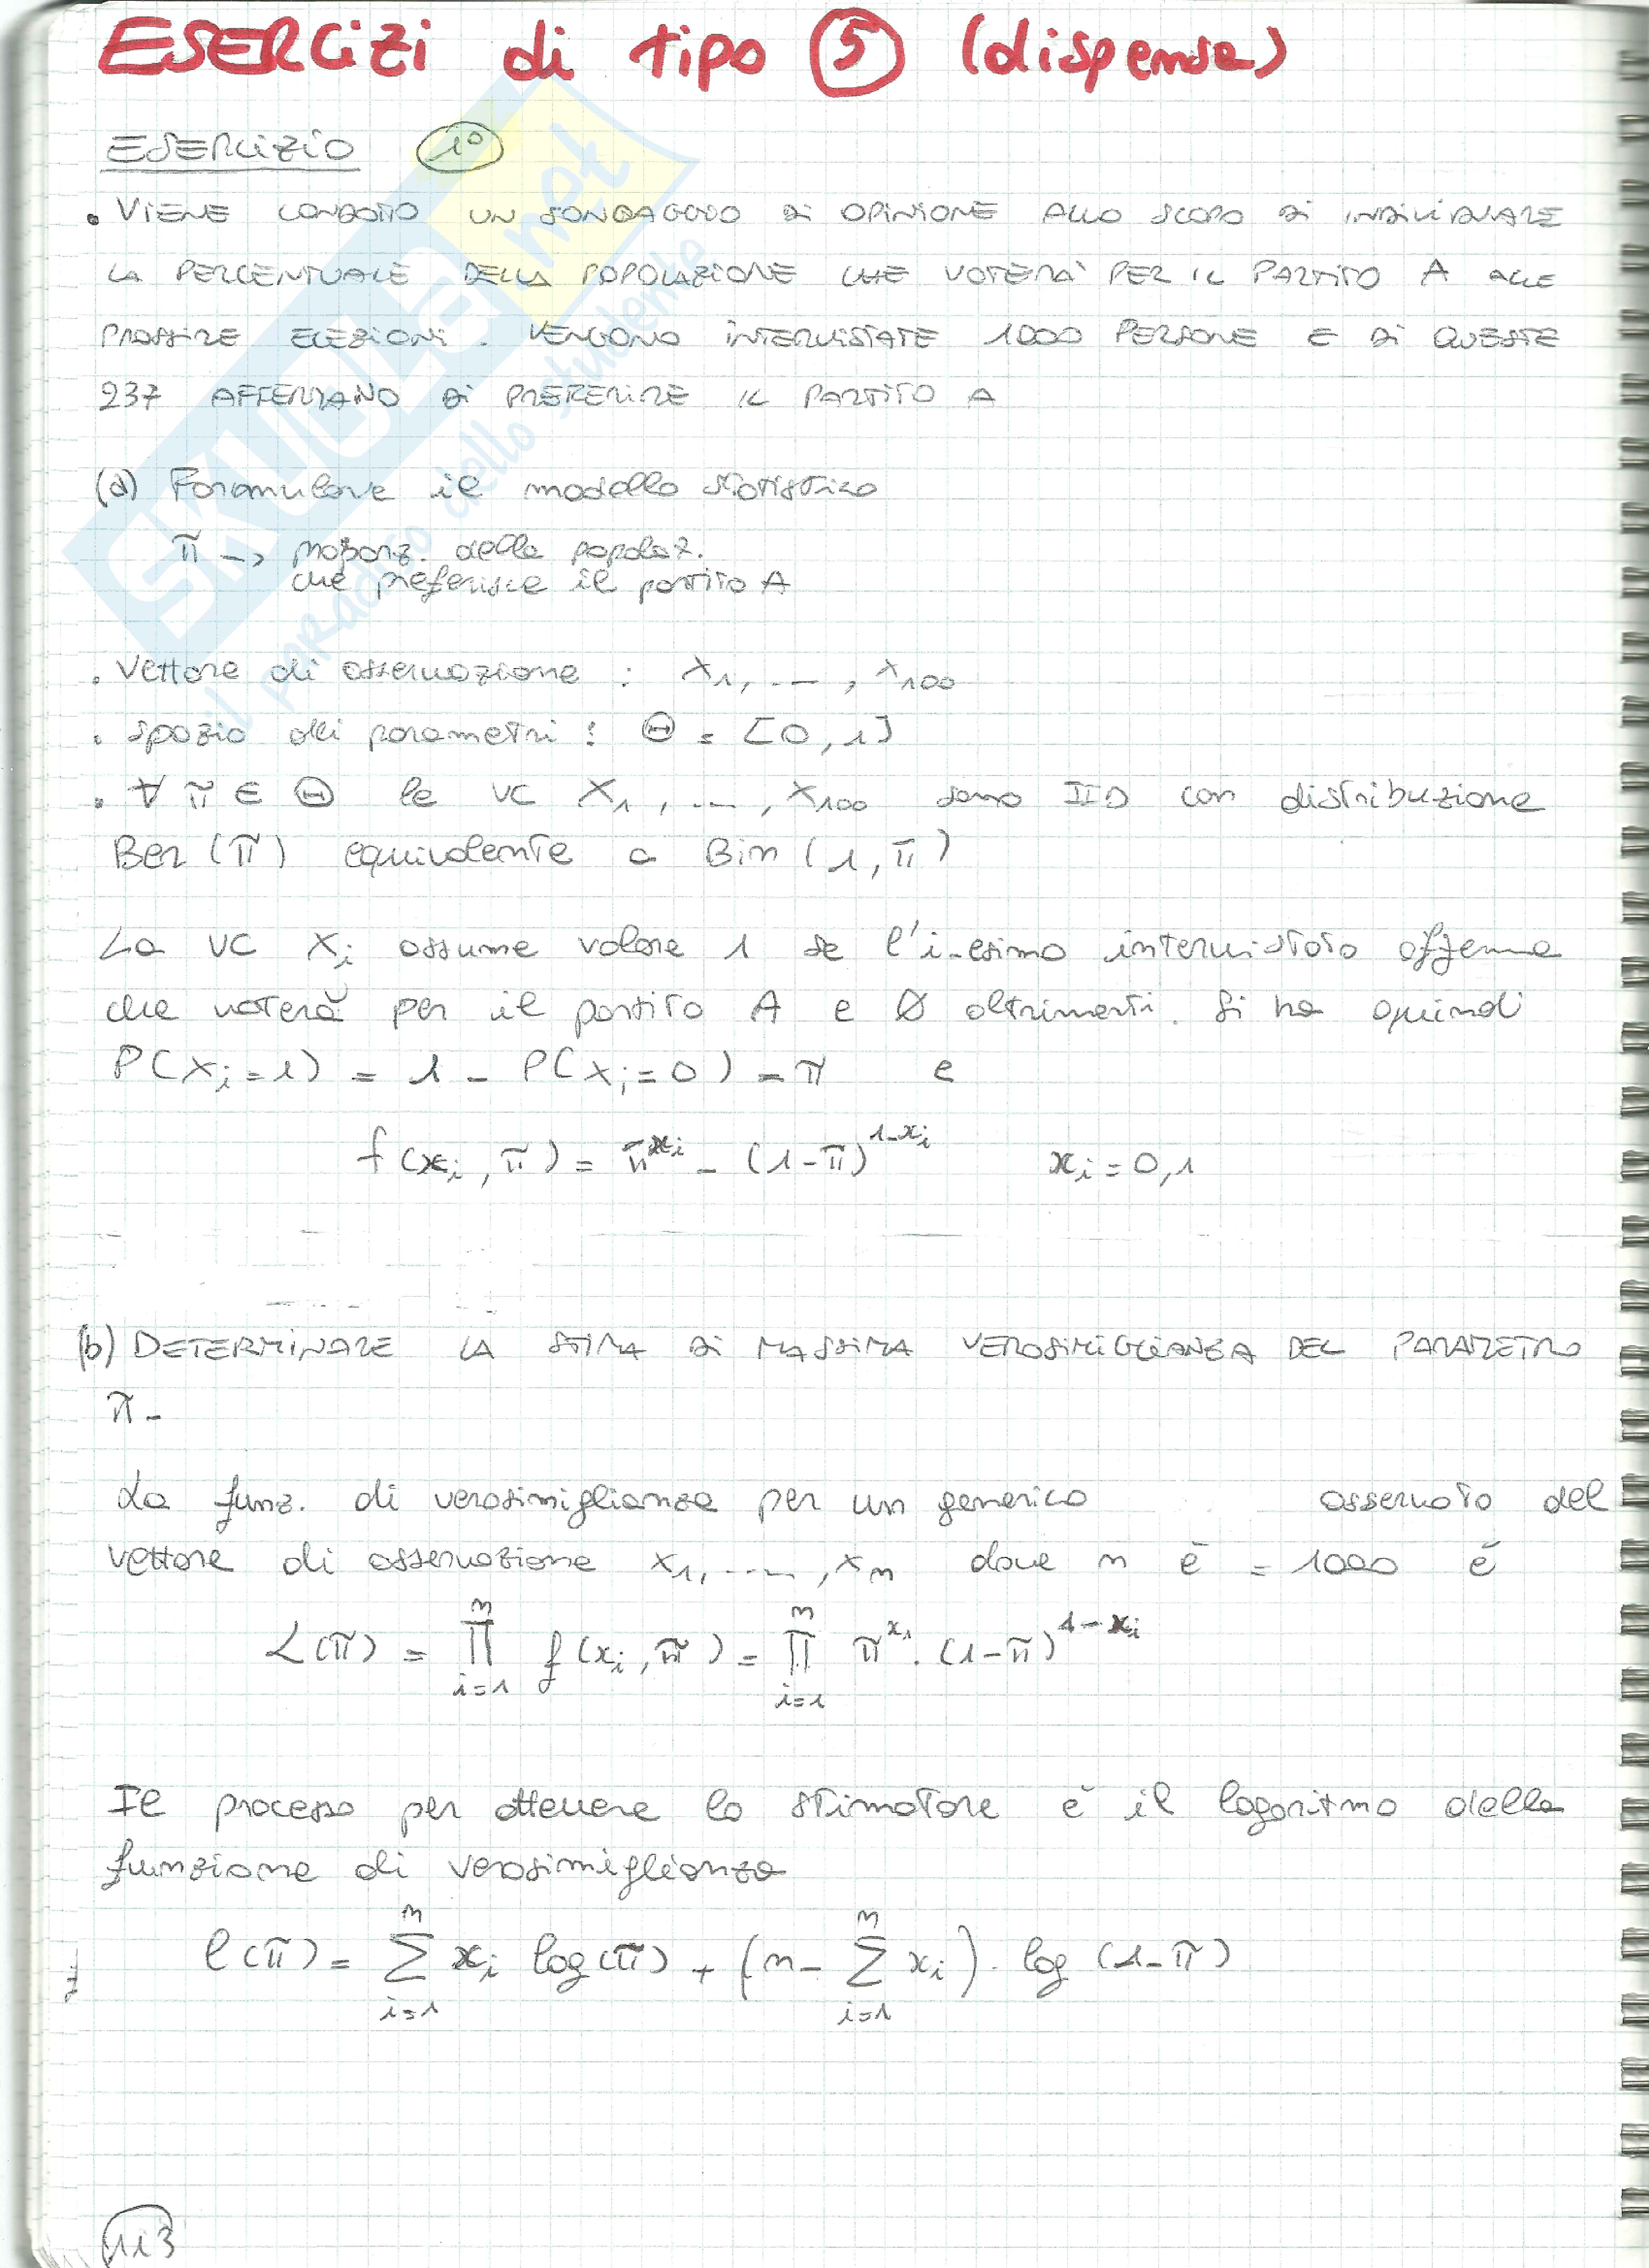 Esercizi Statistica tipo 5 (variabili casuali, Bernoulli, Binomiale, stima verosimiglianza, stimatori, confidenza)